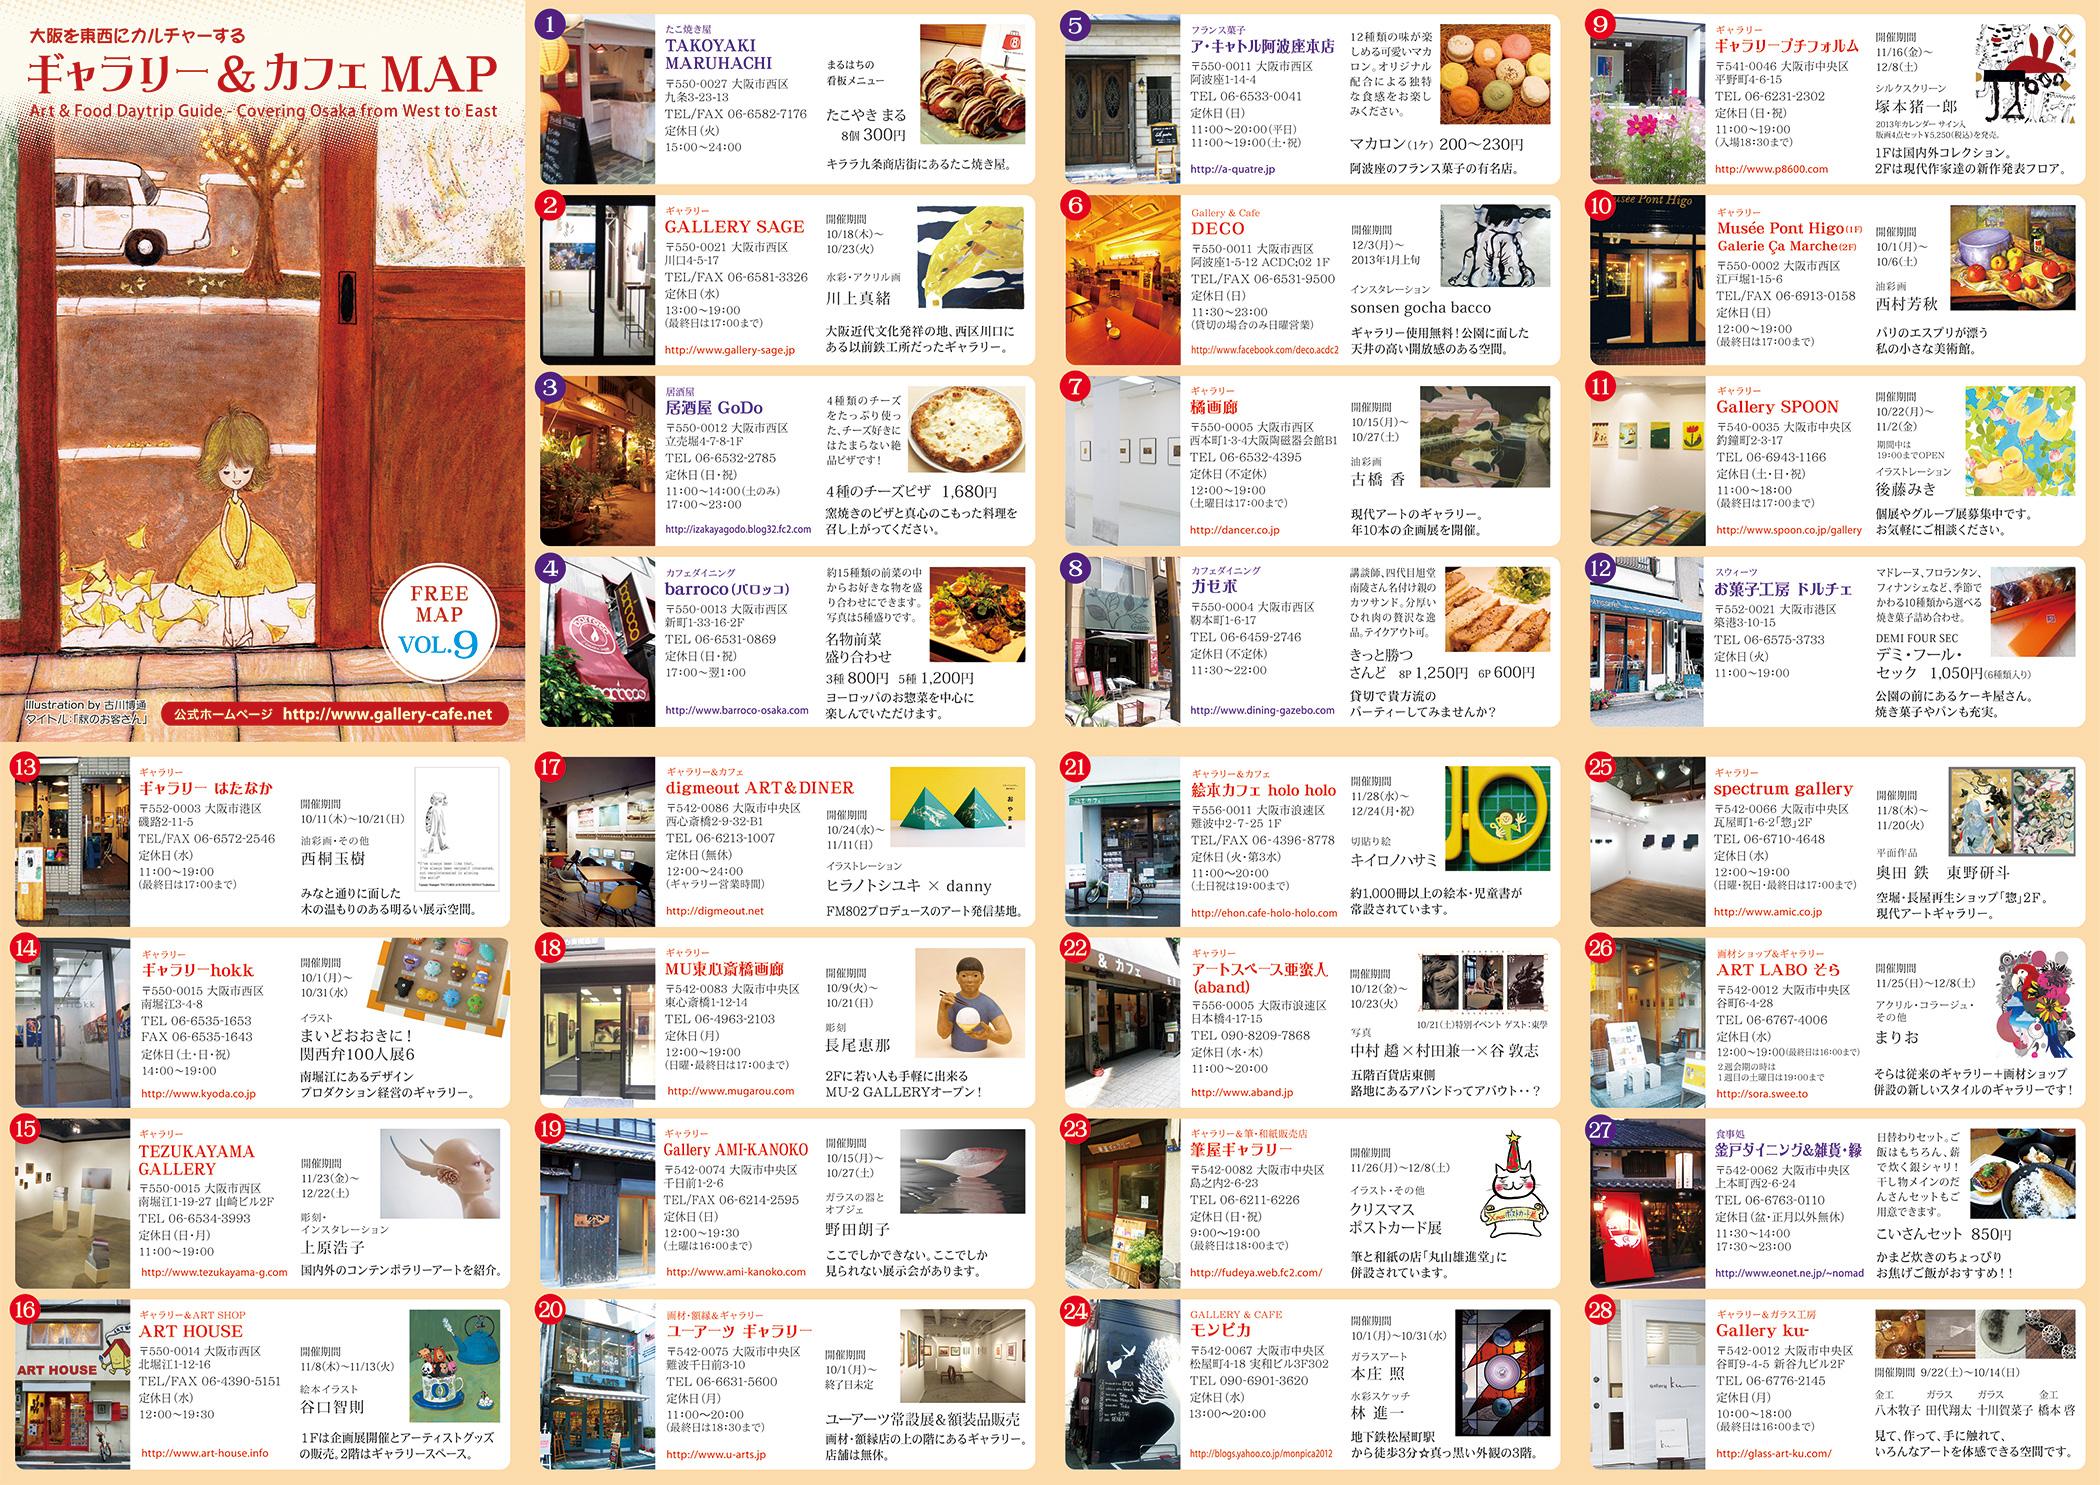 ギャラリー&カフェMAP vol.9 大阪を東西にカルチャーする